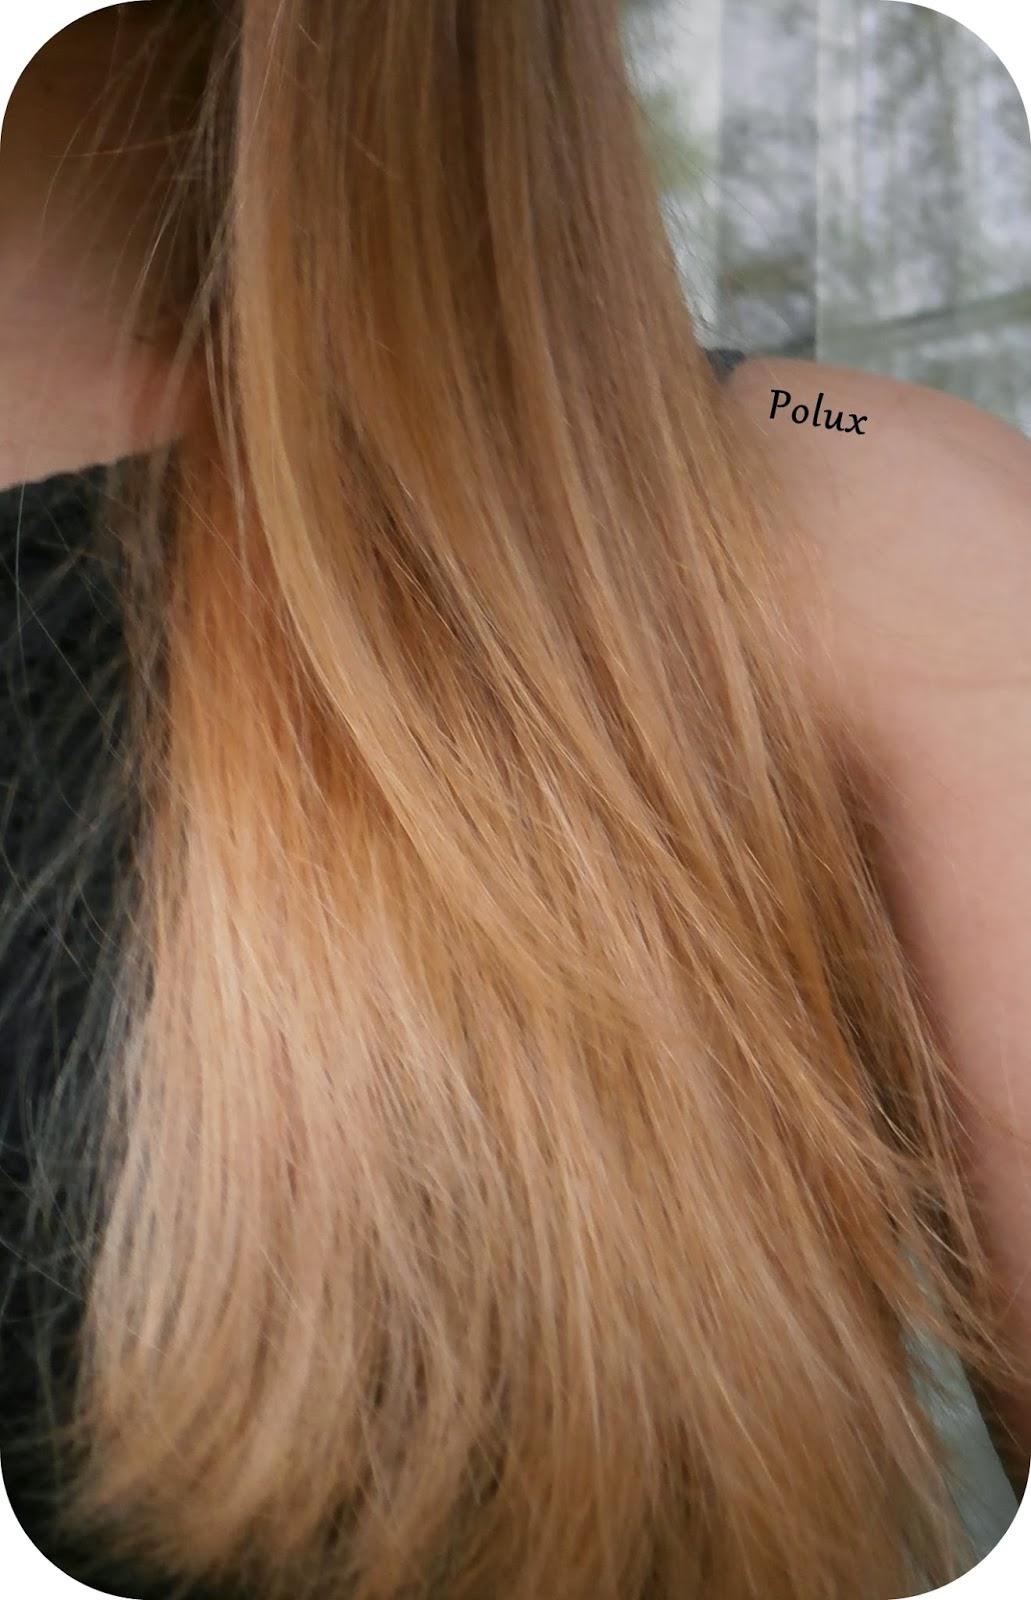 un enfer de les coiffer je crois que tout mon stress et mon hystrie se sont polariss dans mes cheveux leur couleur est assez fidle sur la photo - Gele Claircissante Garnier Sur Cheveux Colors